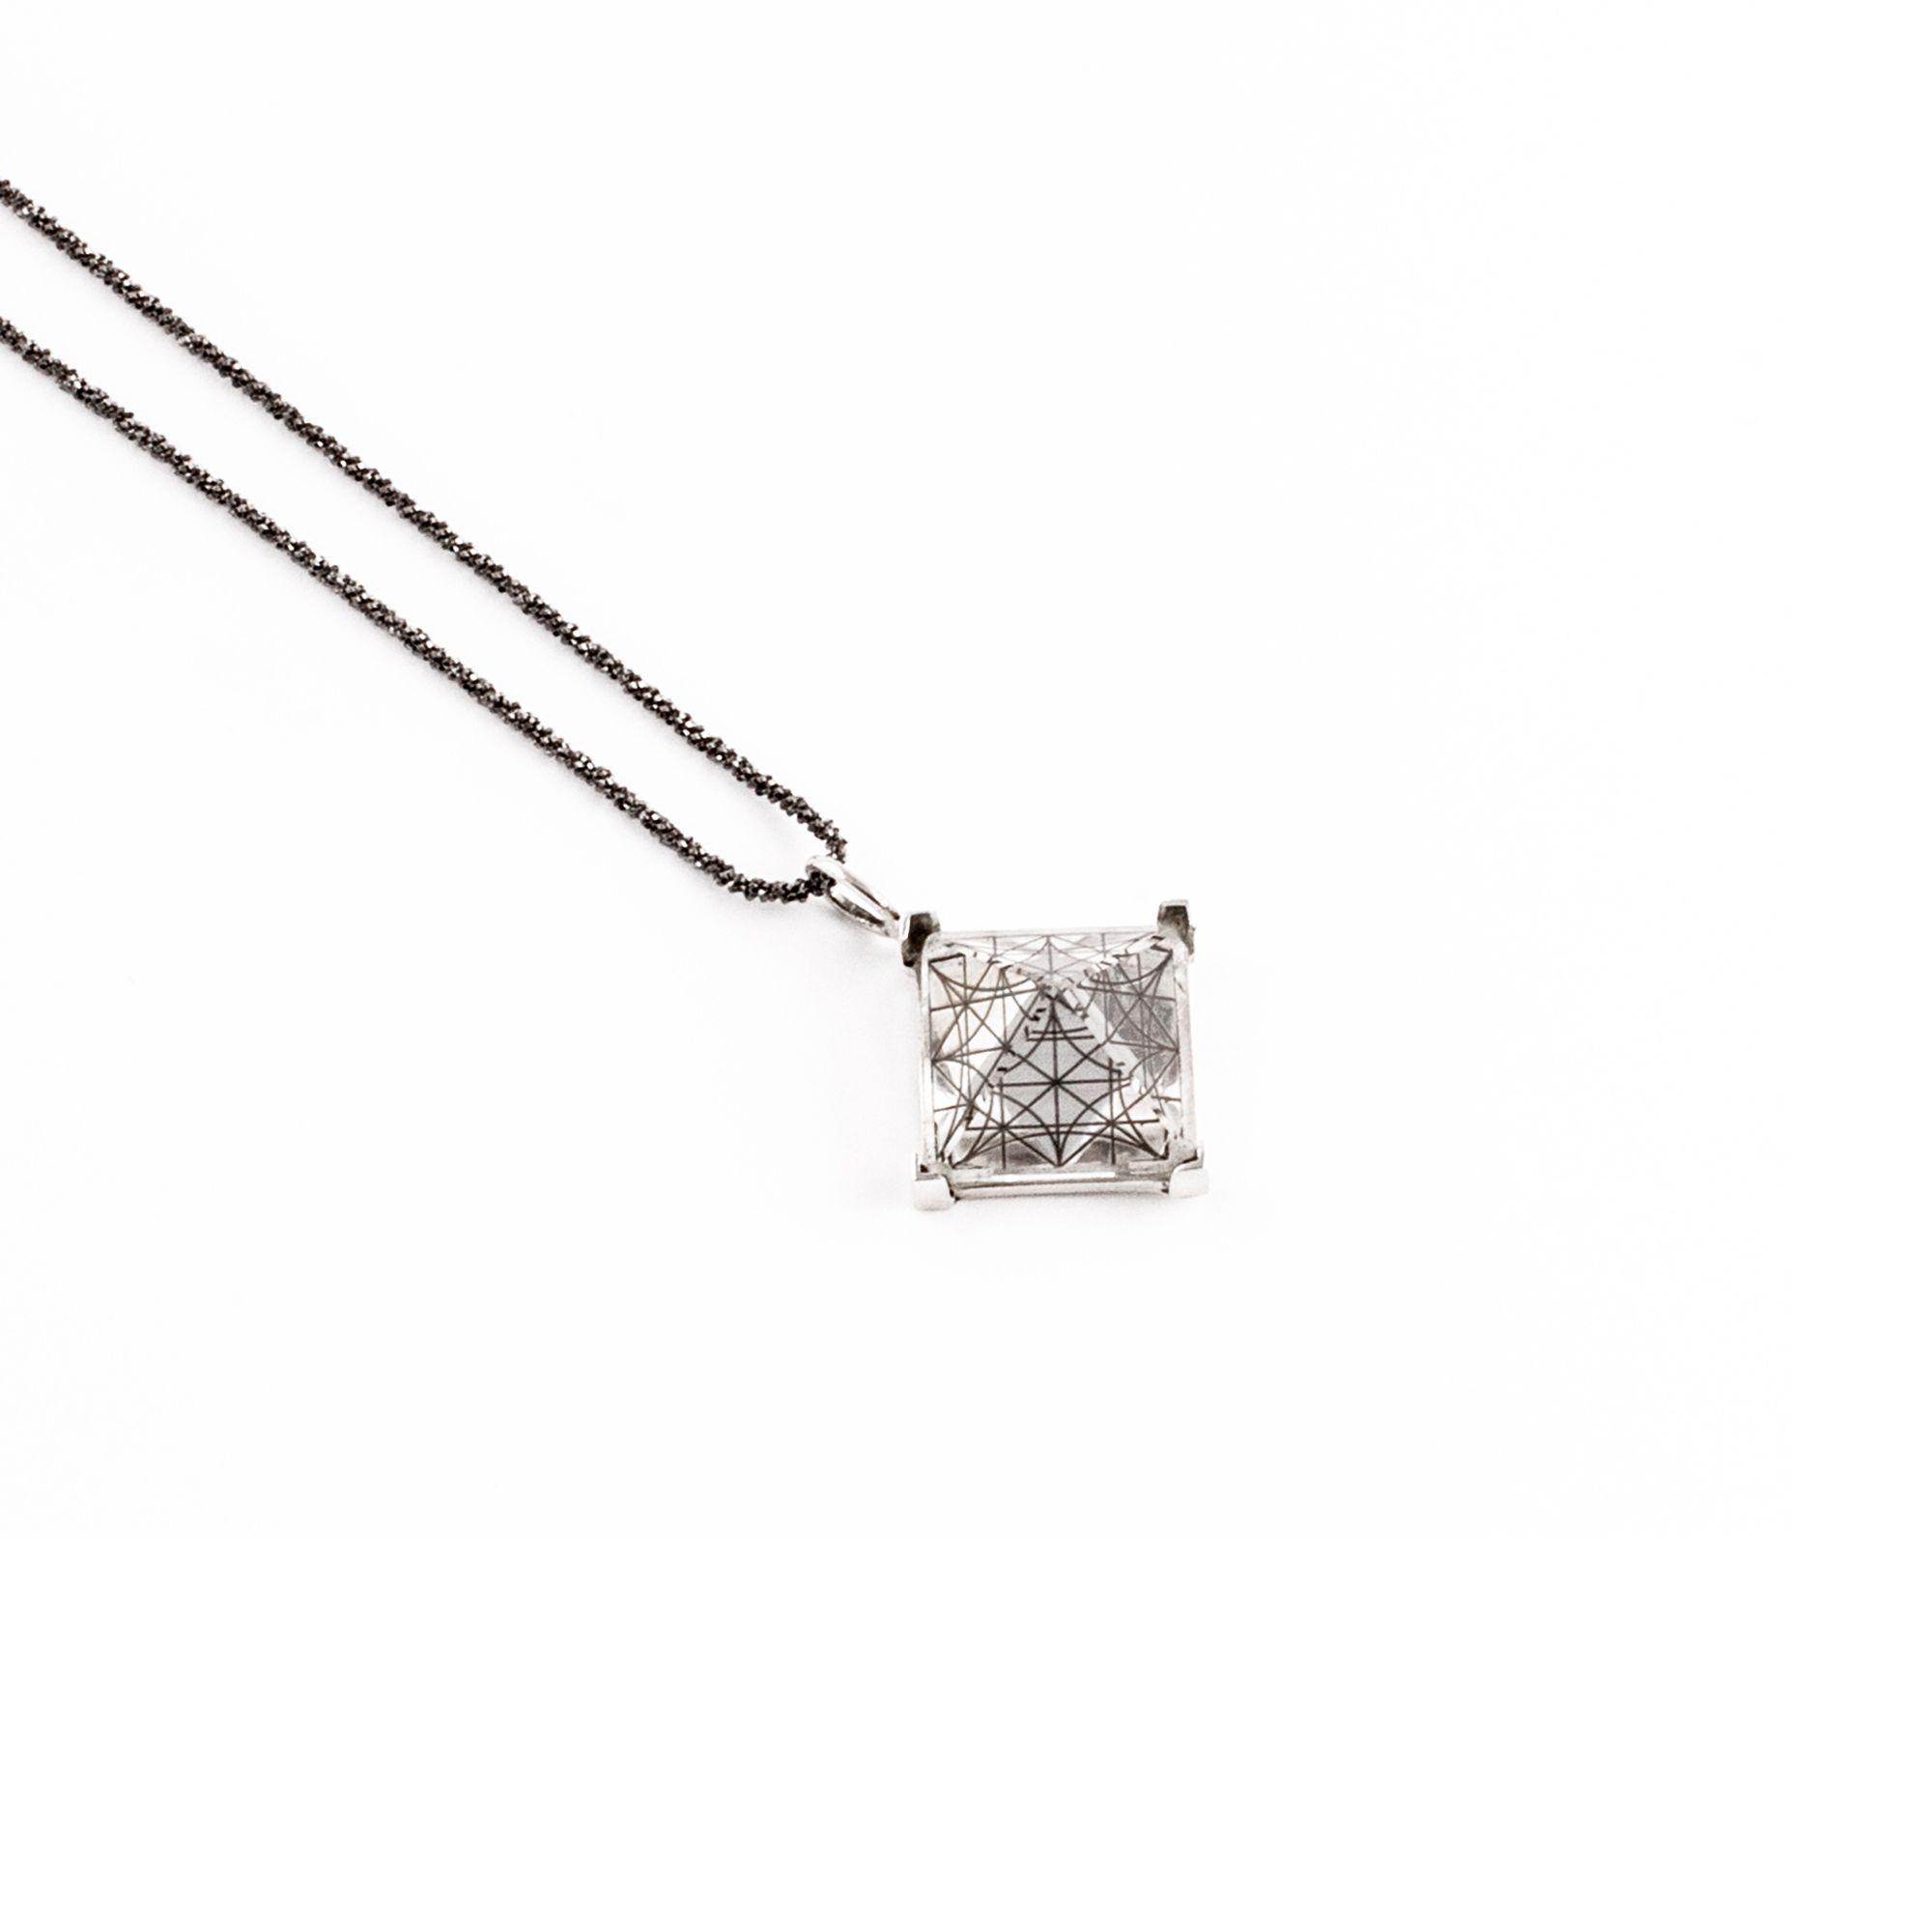 Entropia xs pendant Pendant in silver